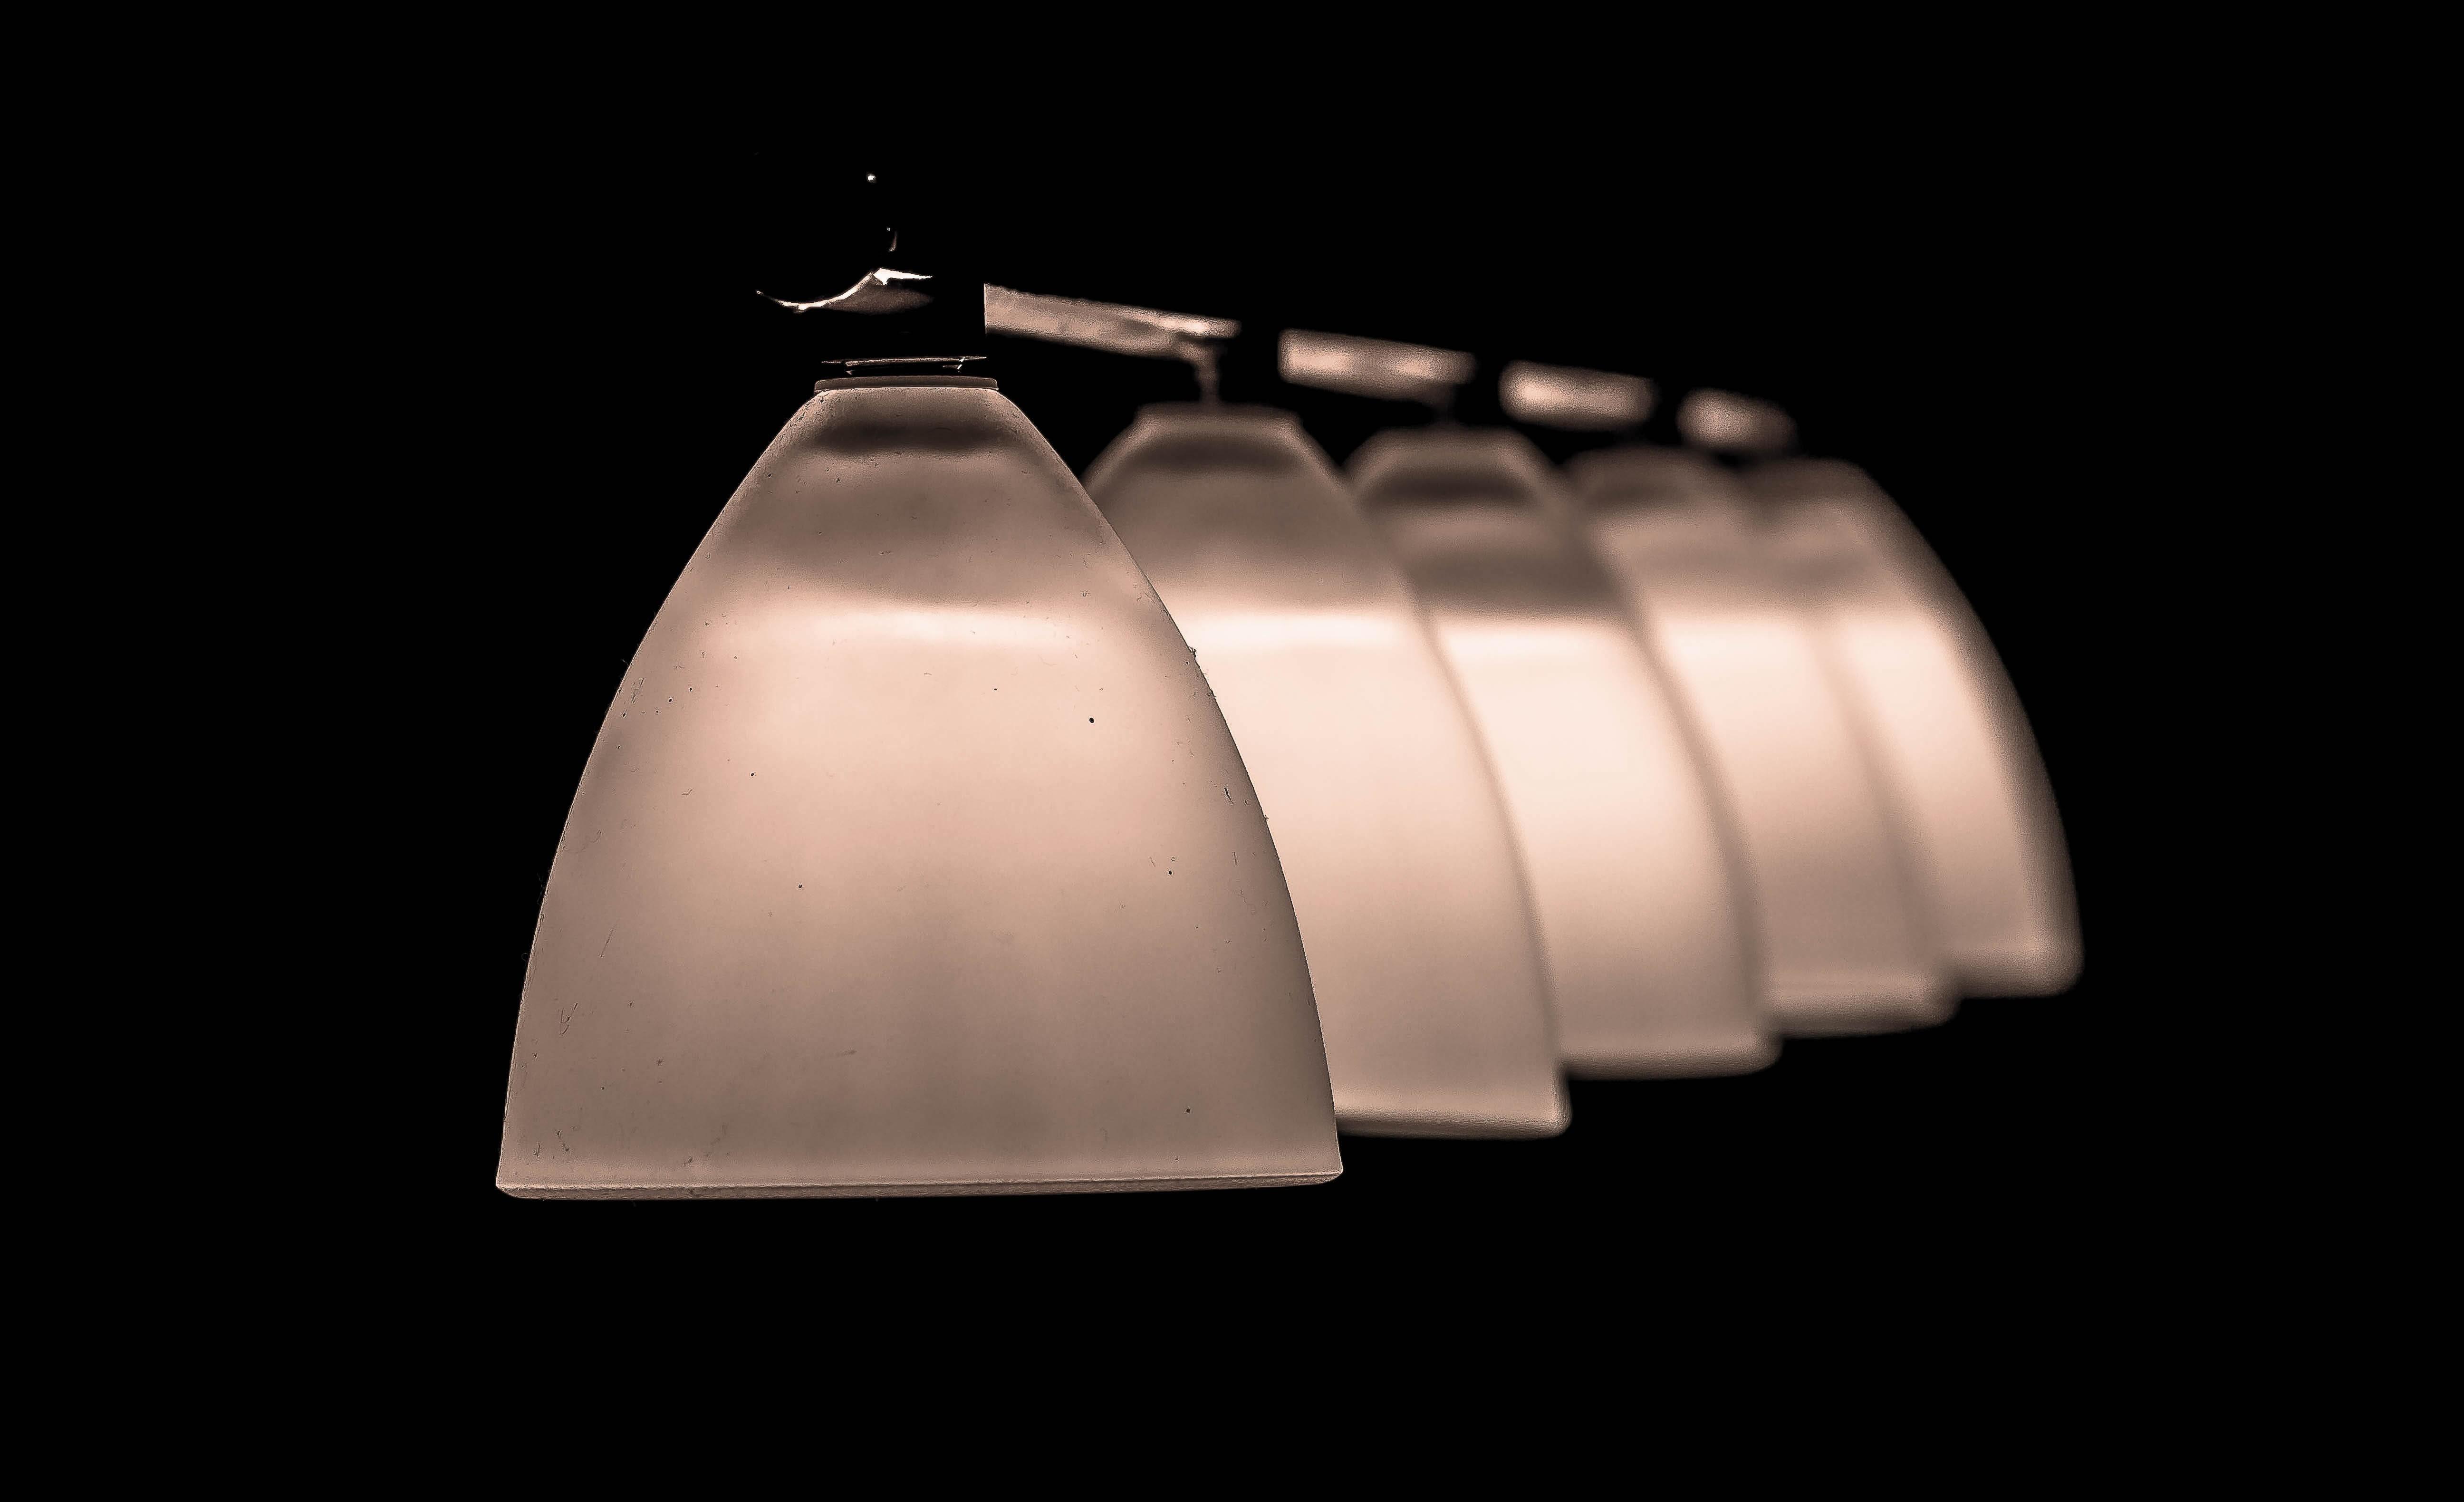 Update to energy efficient lighting